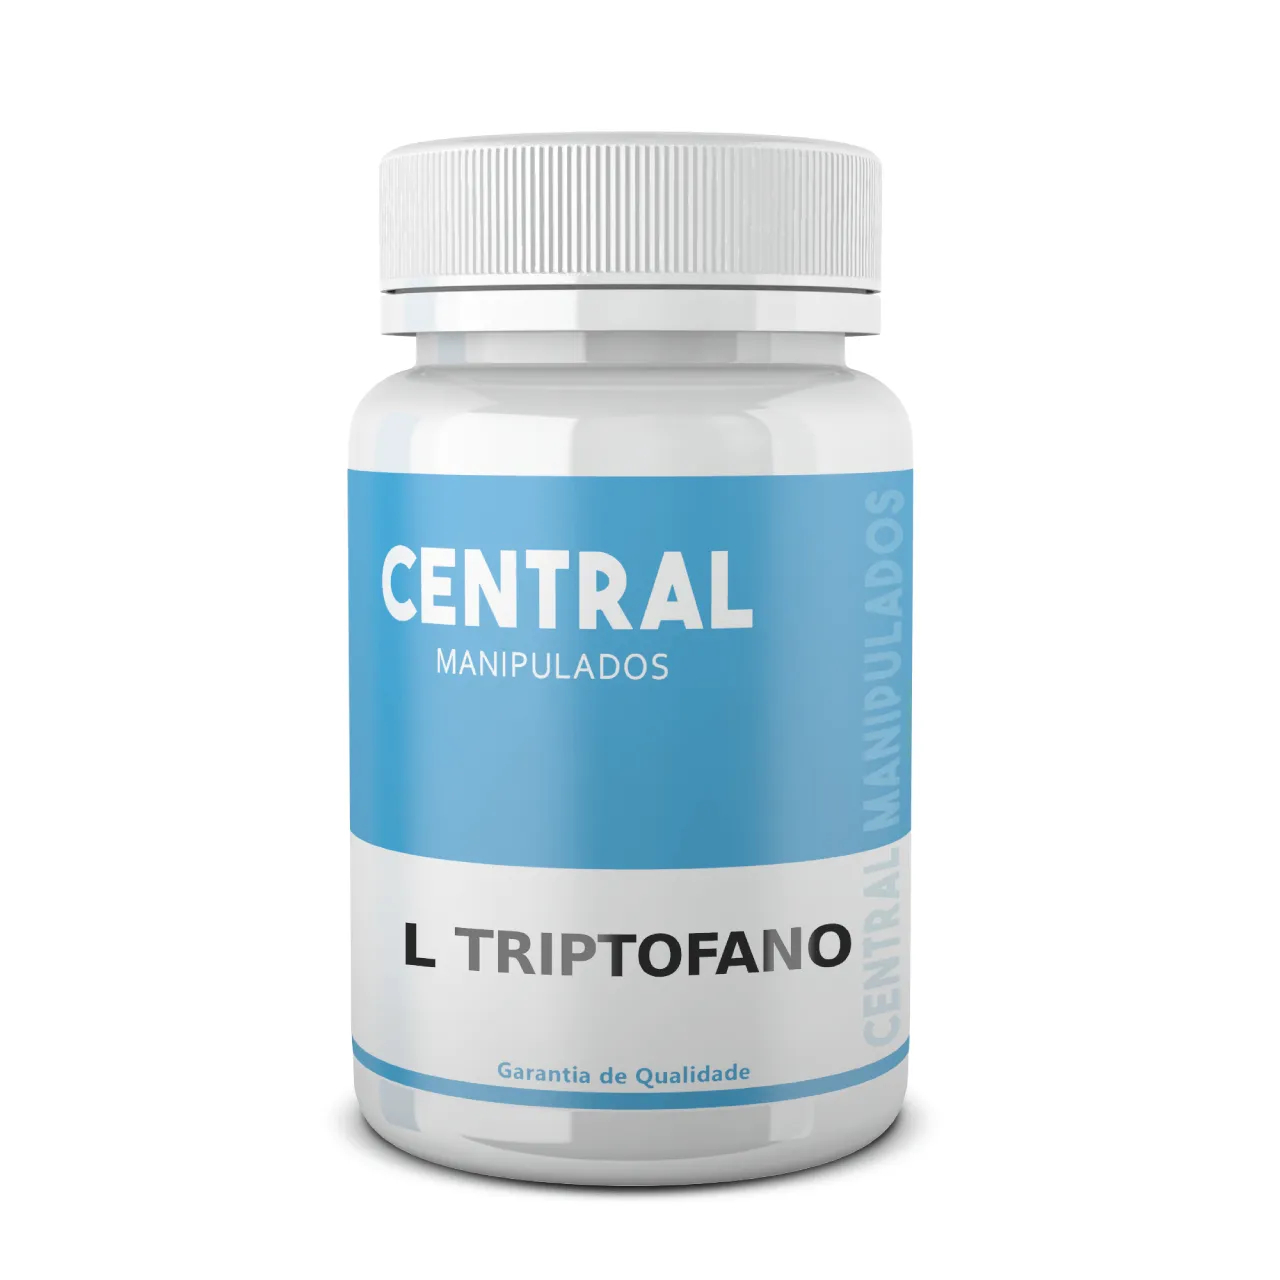 L-triptofano 250 mg - 60 cápsulas - Suplemento para Stress, sono e depresão